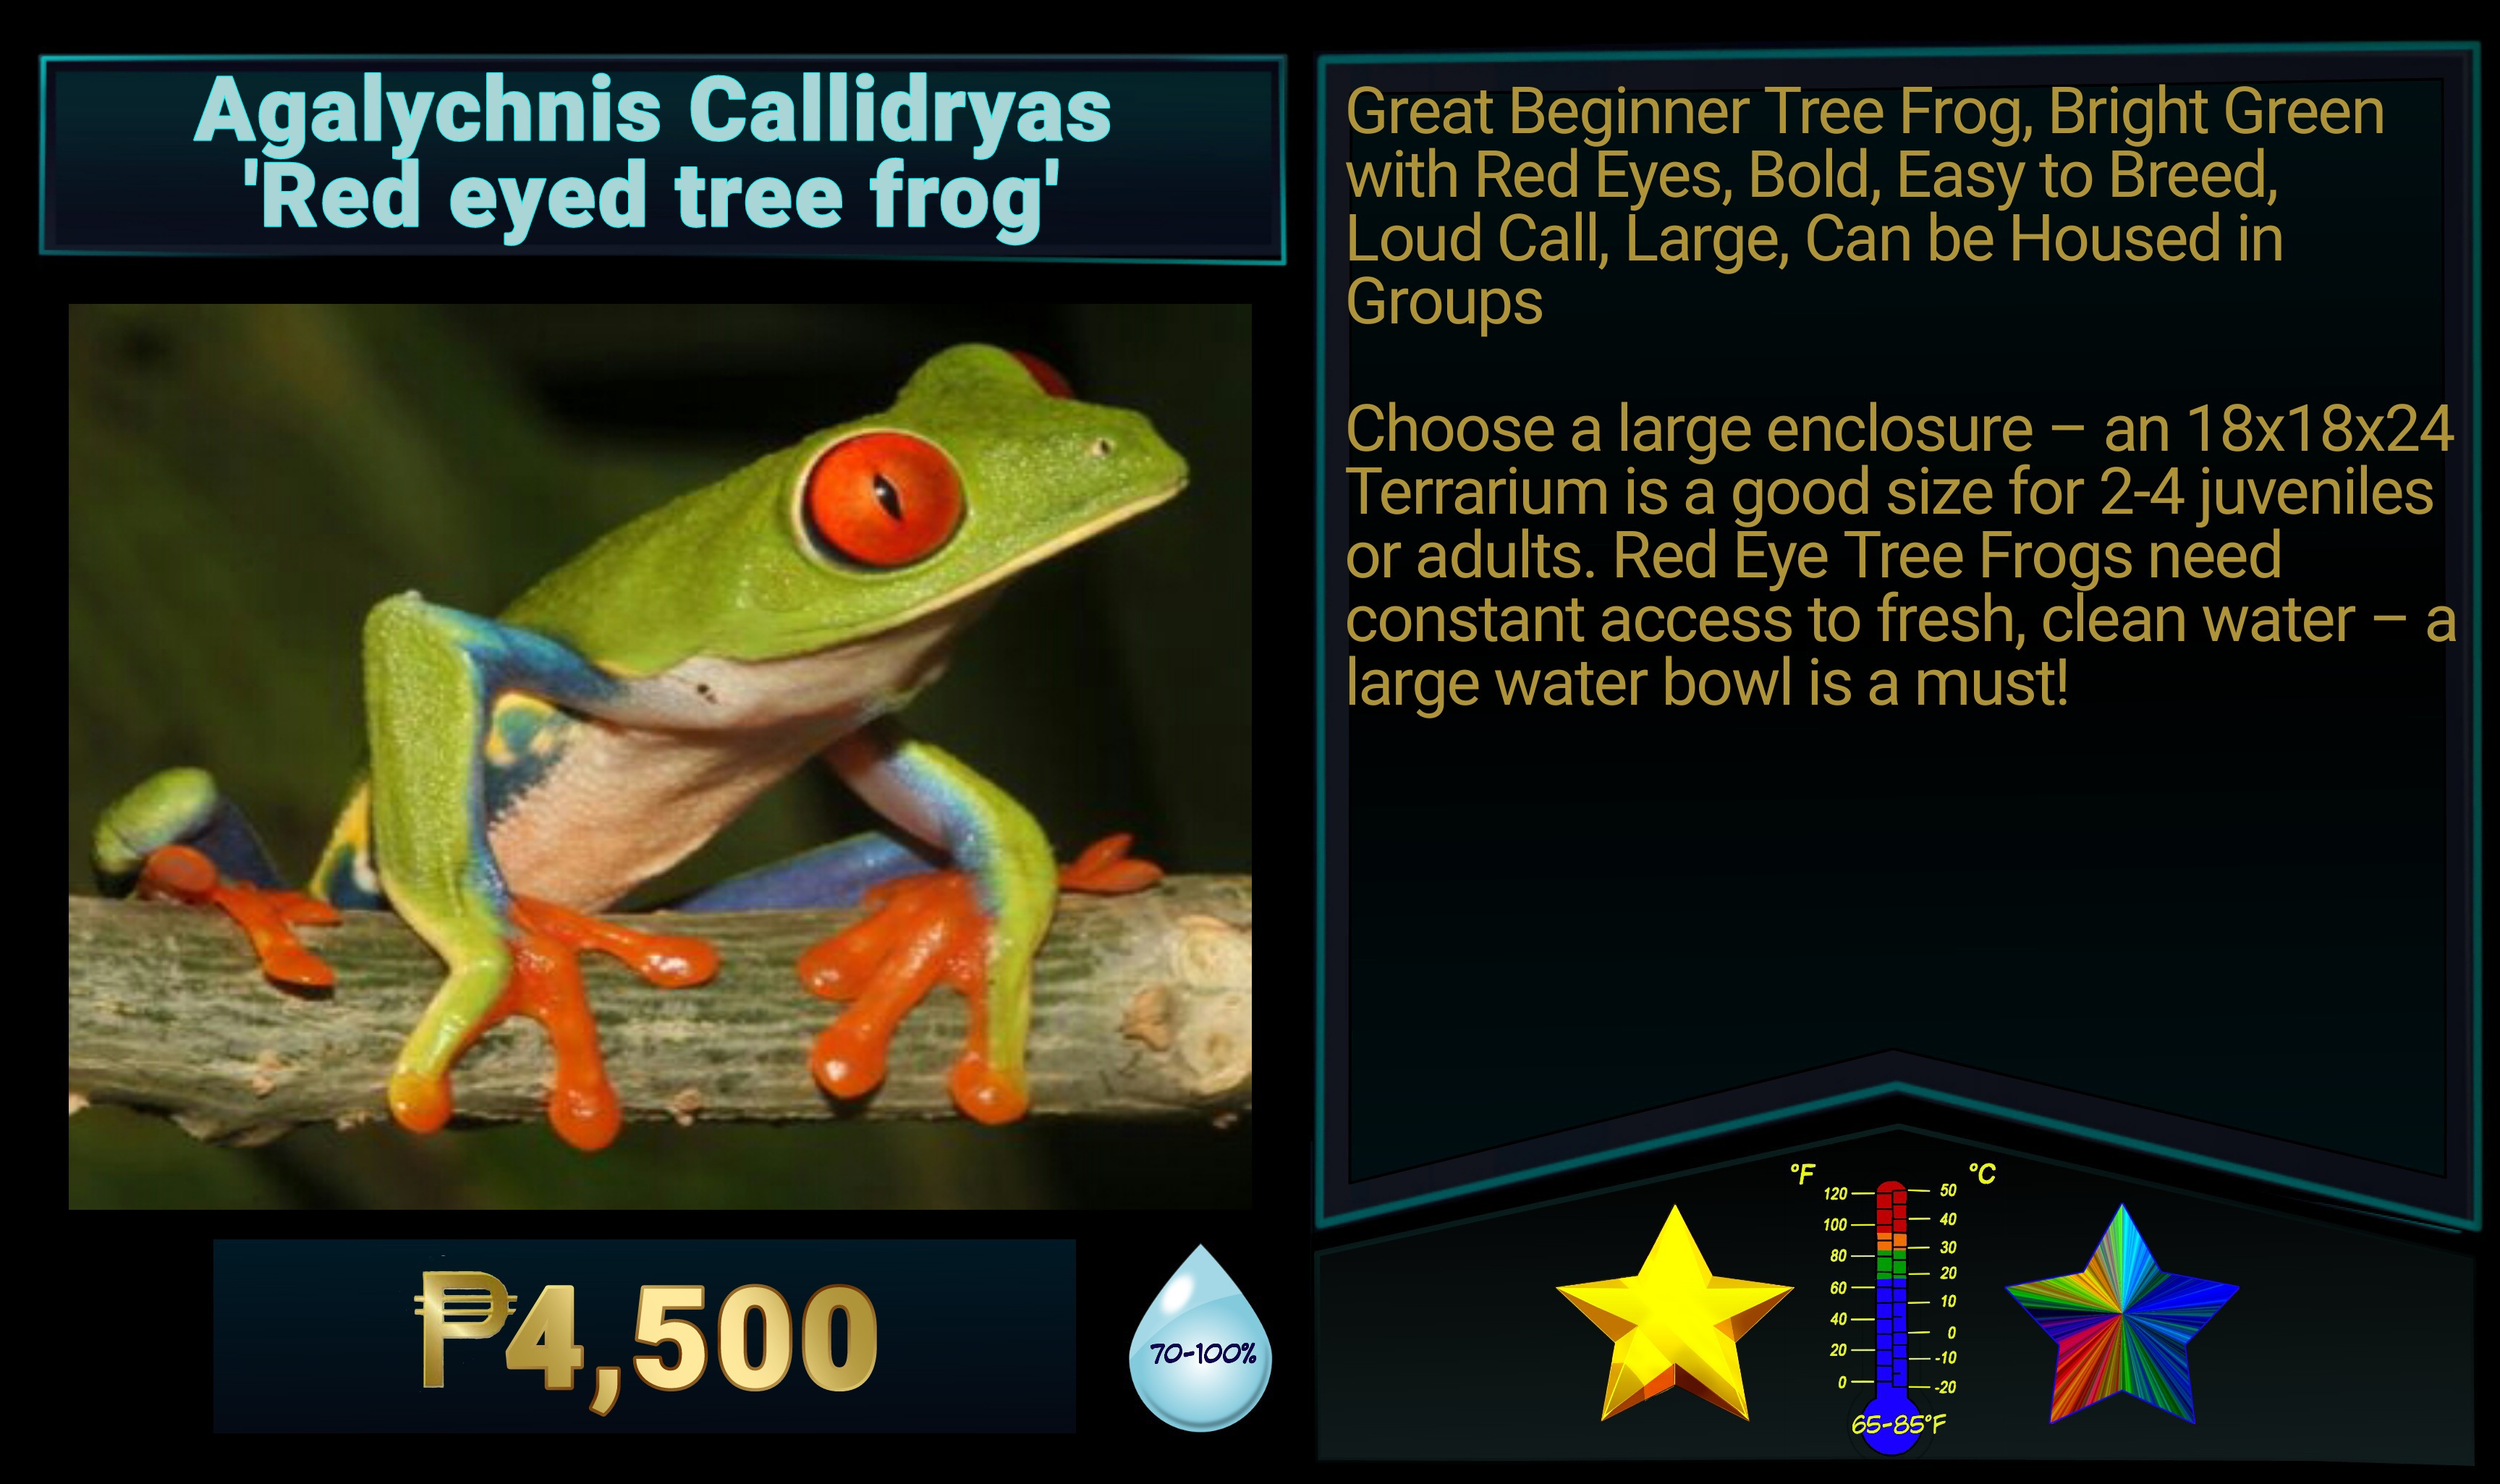 Agalychnis callidryas Red Eyed Tree Frog